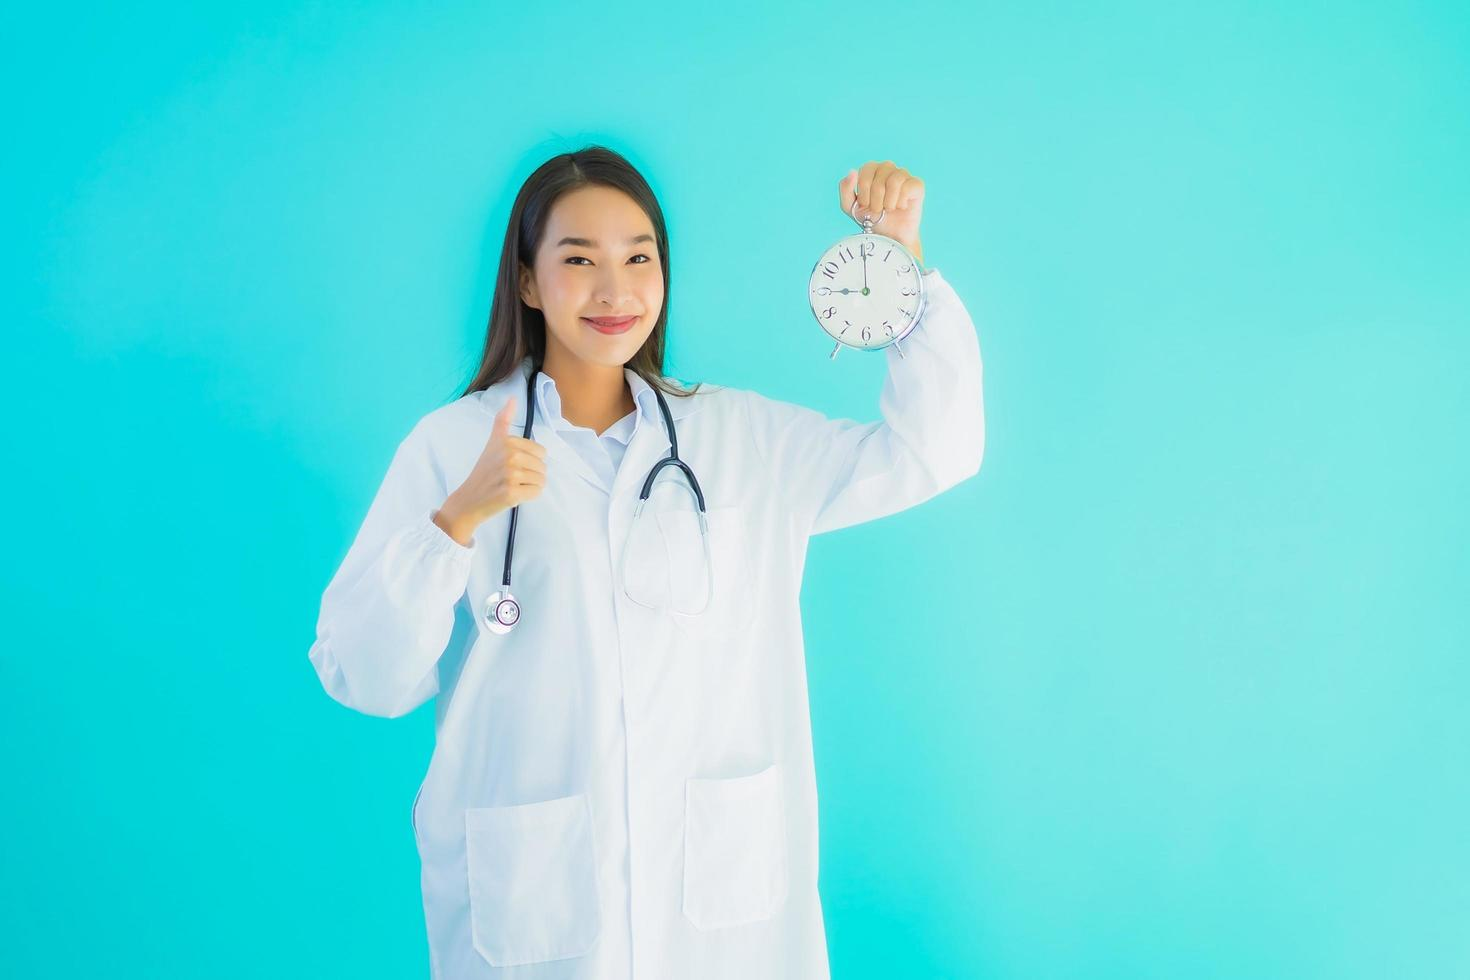 porträtt av kvinnlig läkare väckarklocka foto